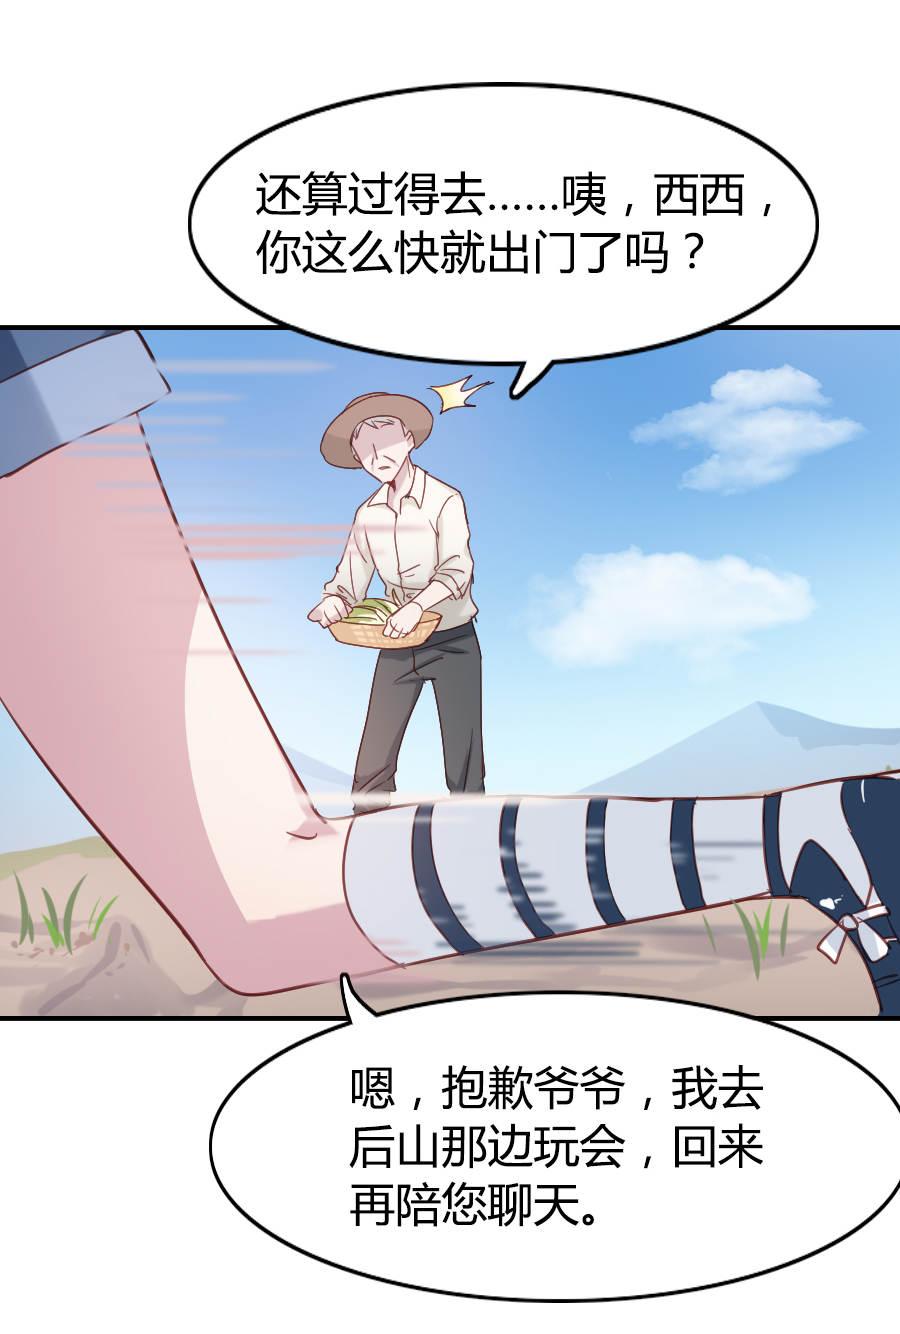 少年游第10话  麋鹿呀麋鹿 柚子柚子!! 第 15